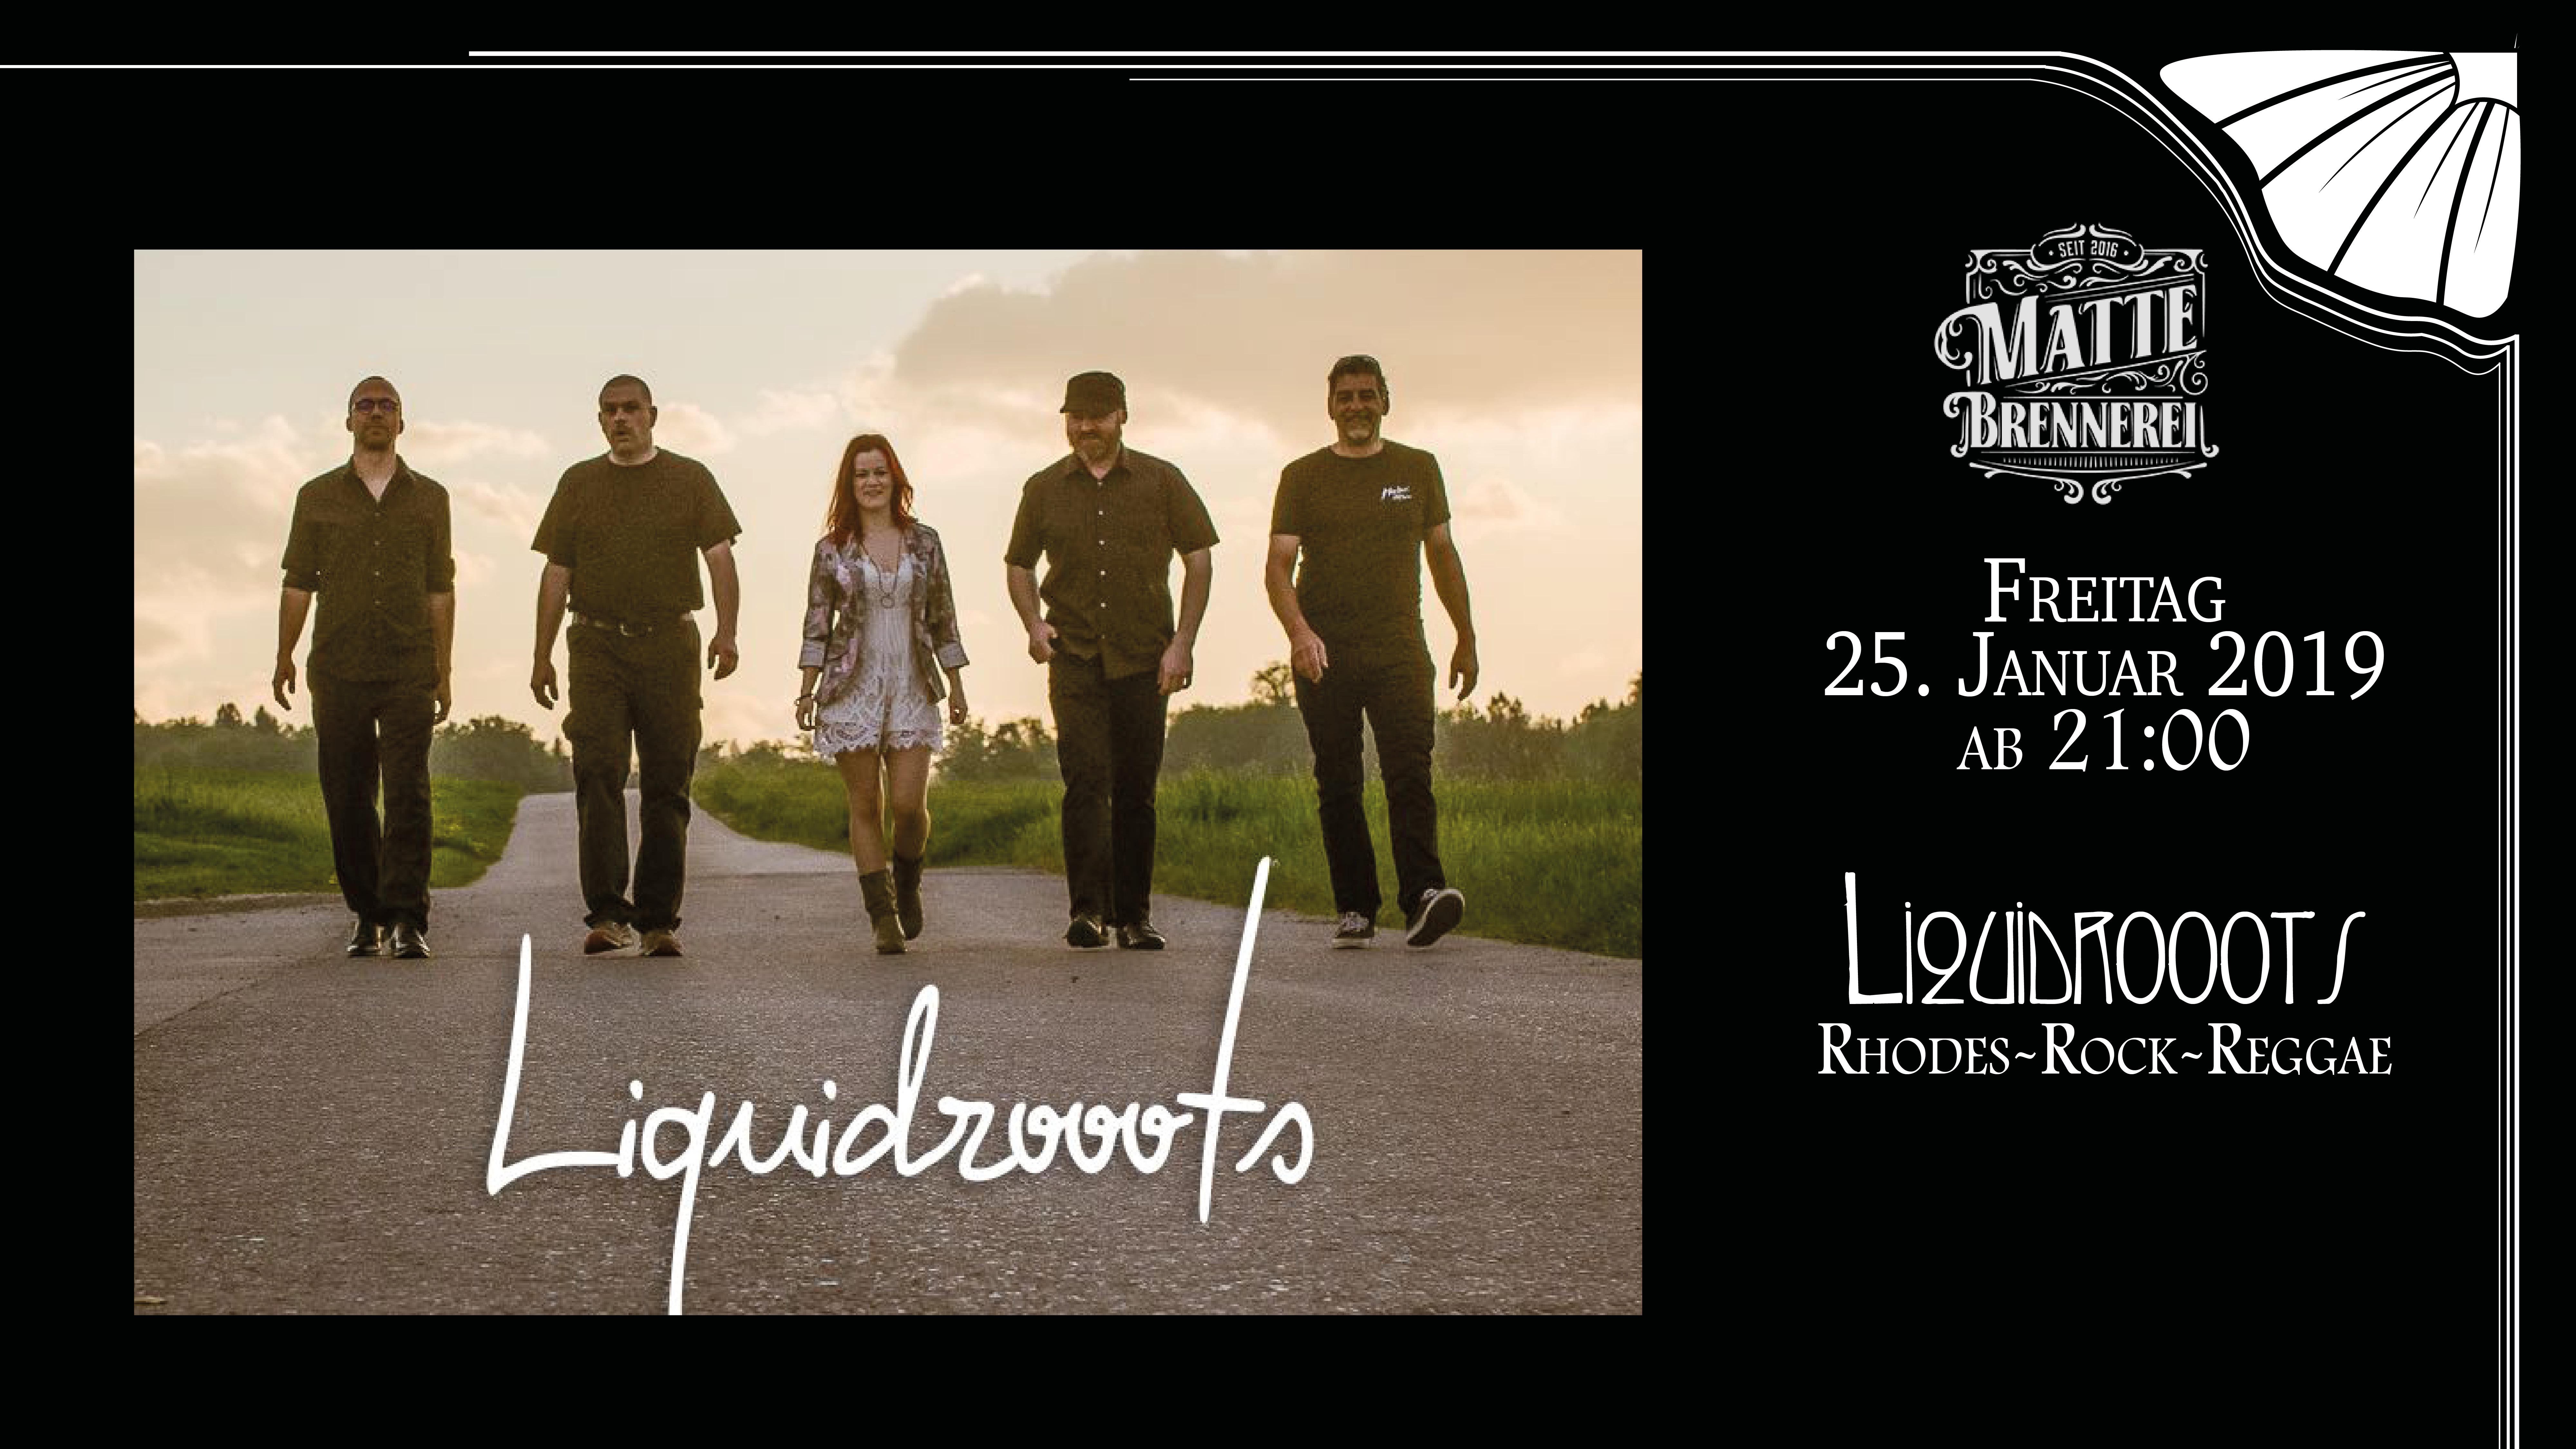 Liquidrooots - live @ Matte Brennerei